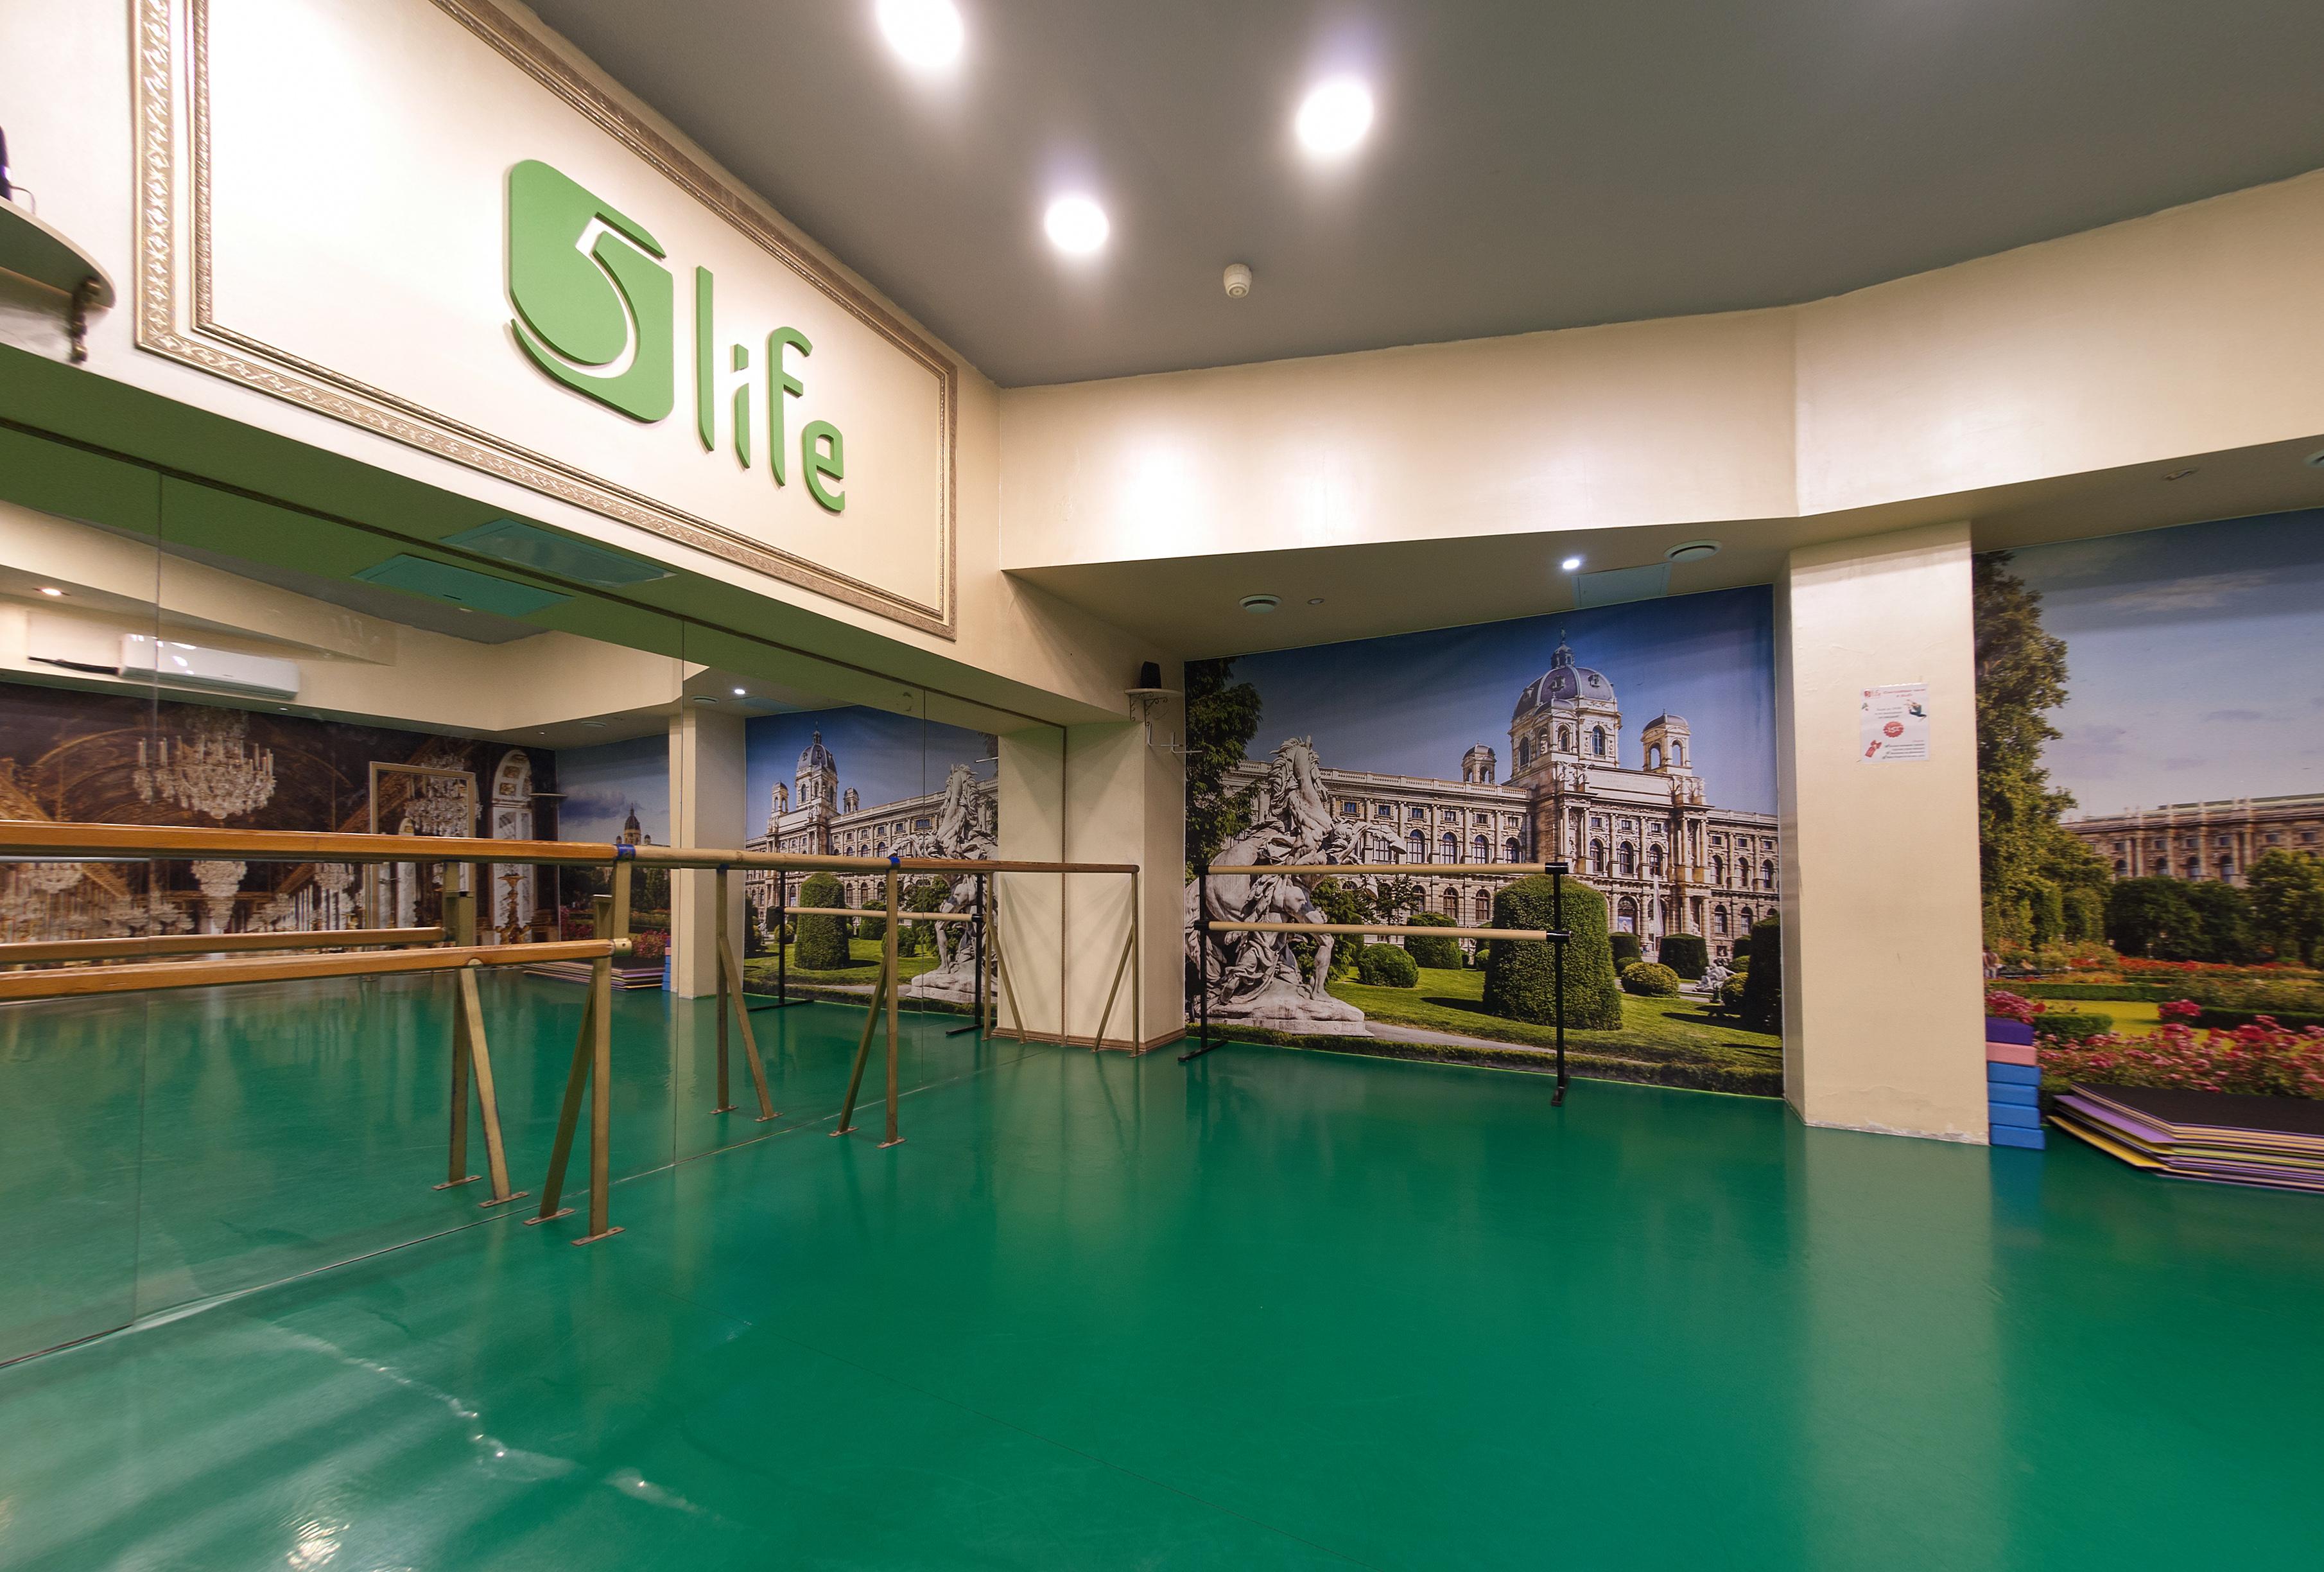 Почасовая аренда зала в студии танца 5Life